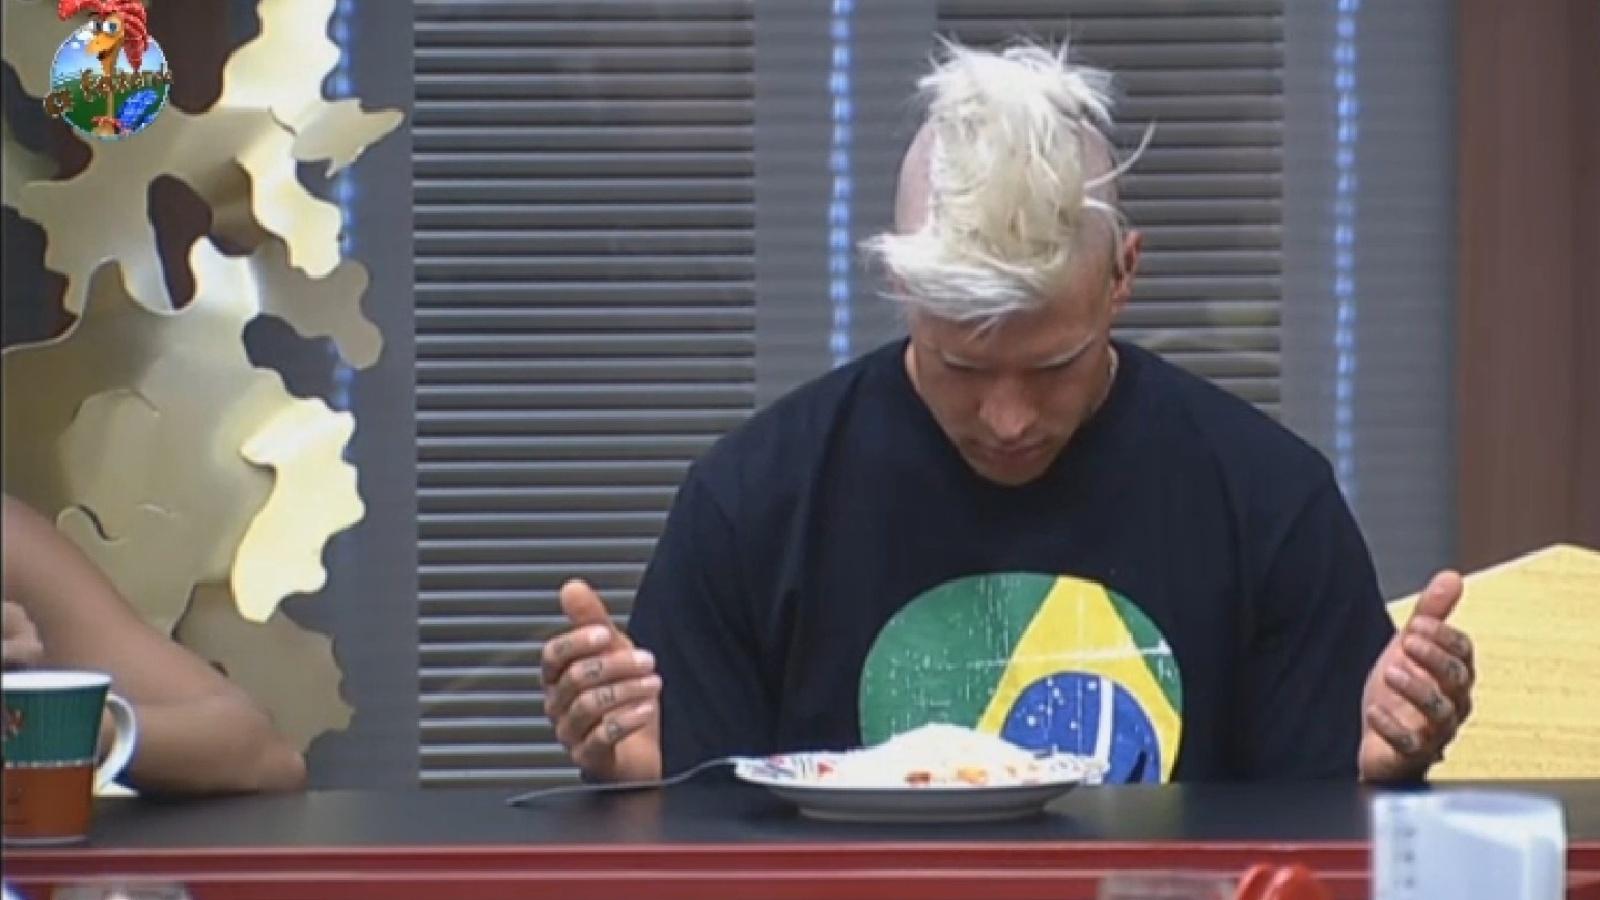 2.ago.2013 - Mateus Verdelho reza antes de comer